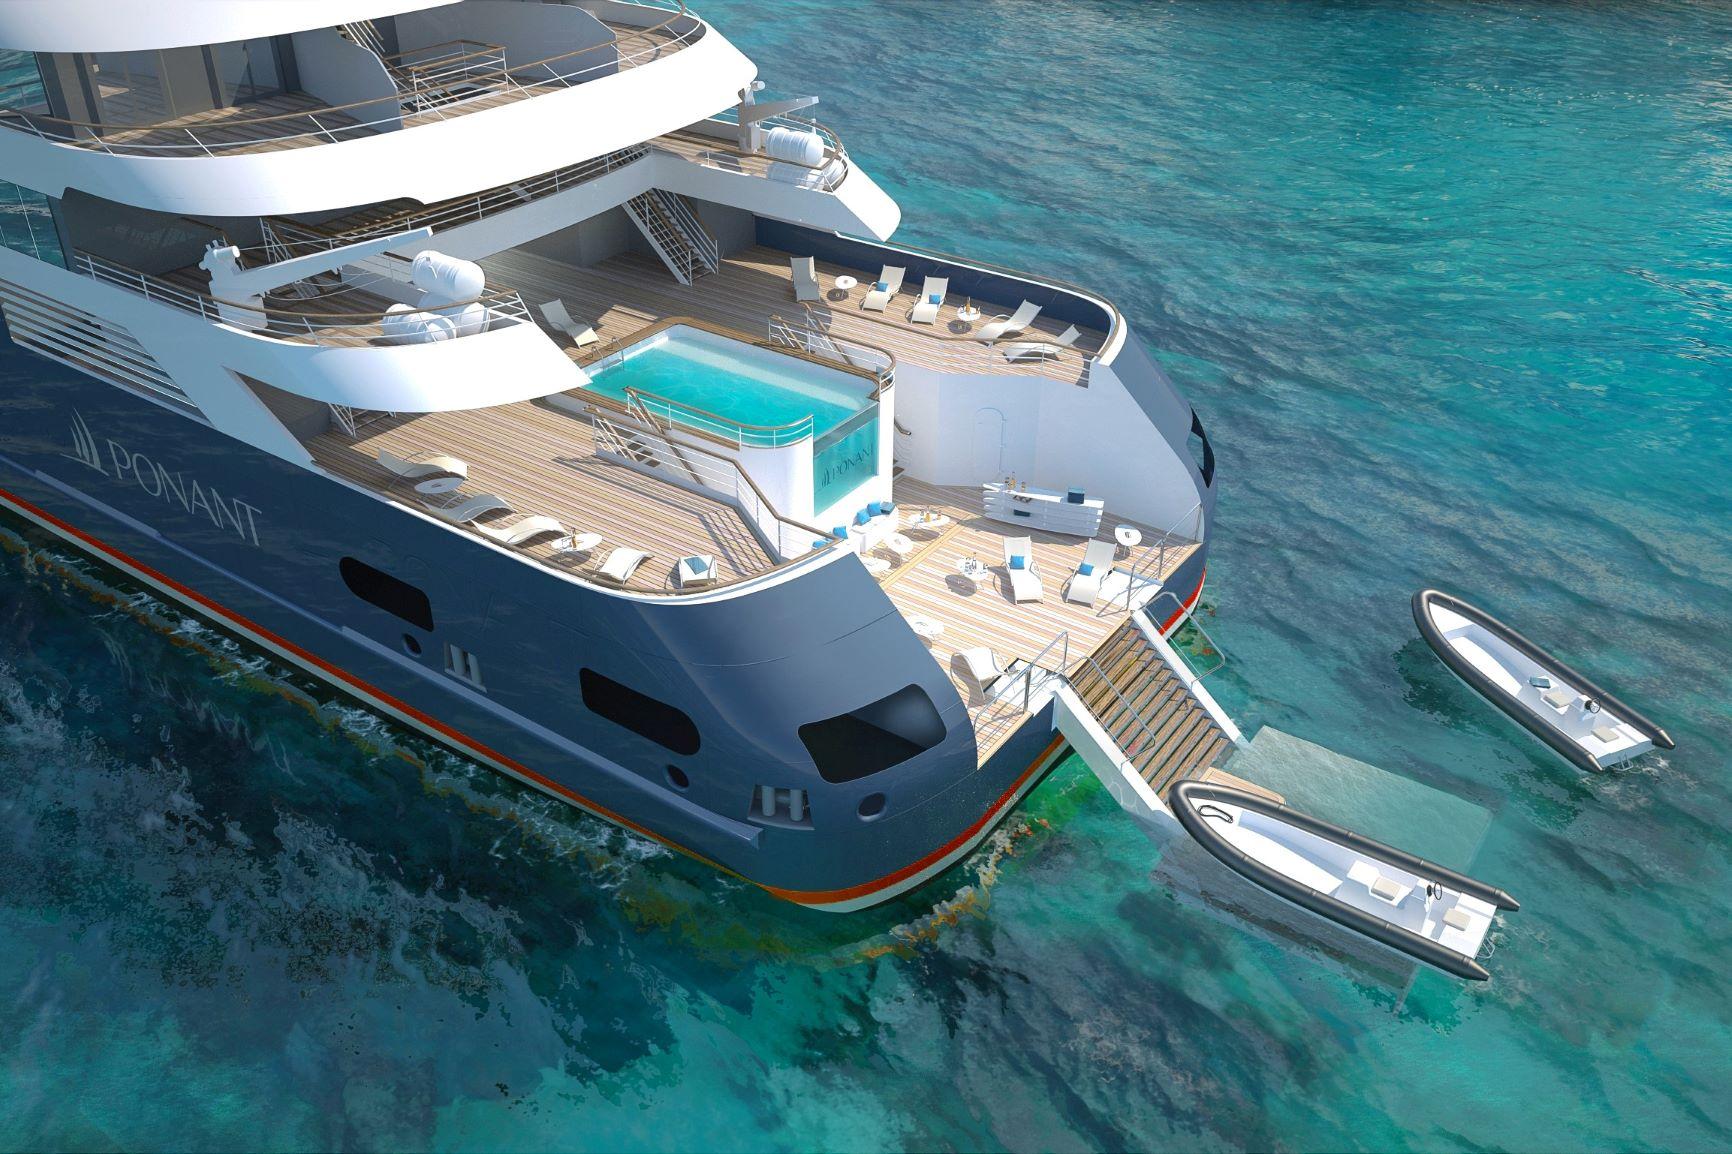 cruceros-ponant-piscina-y-botes